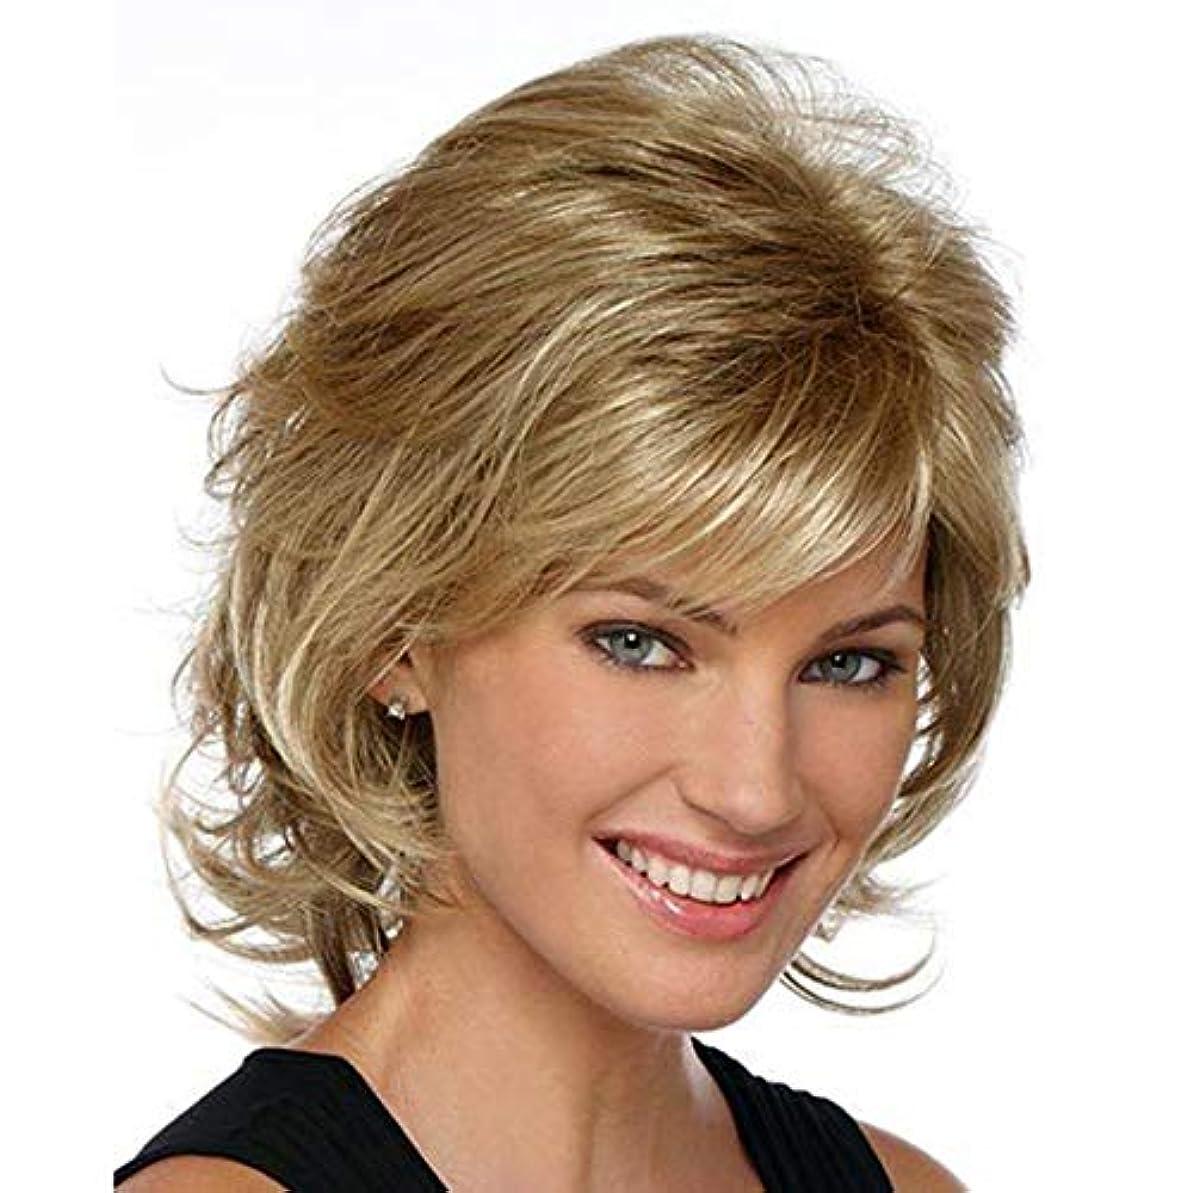 履歴書消費する合理的YOUQIU 女性の耐熱ウィッグナチュラルヘアのかつらのためのブラウン12